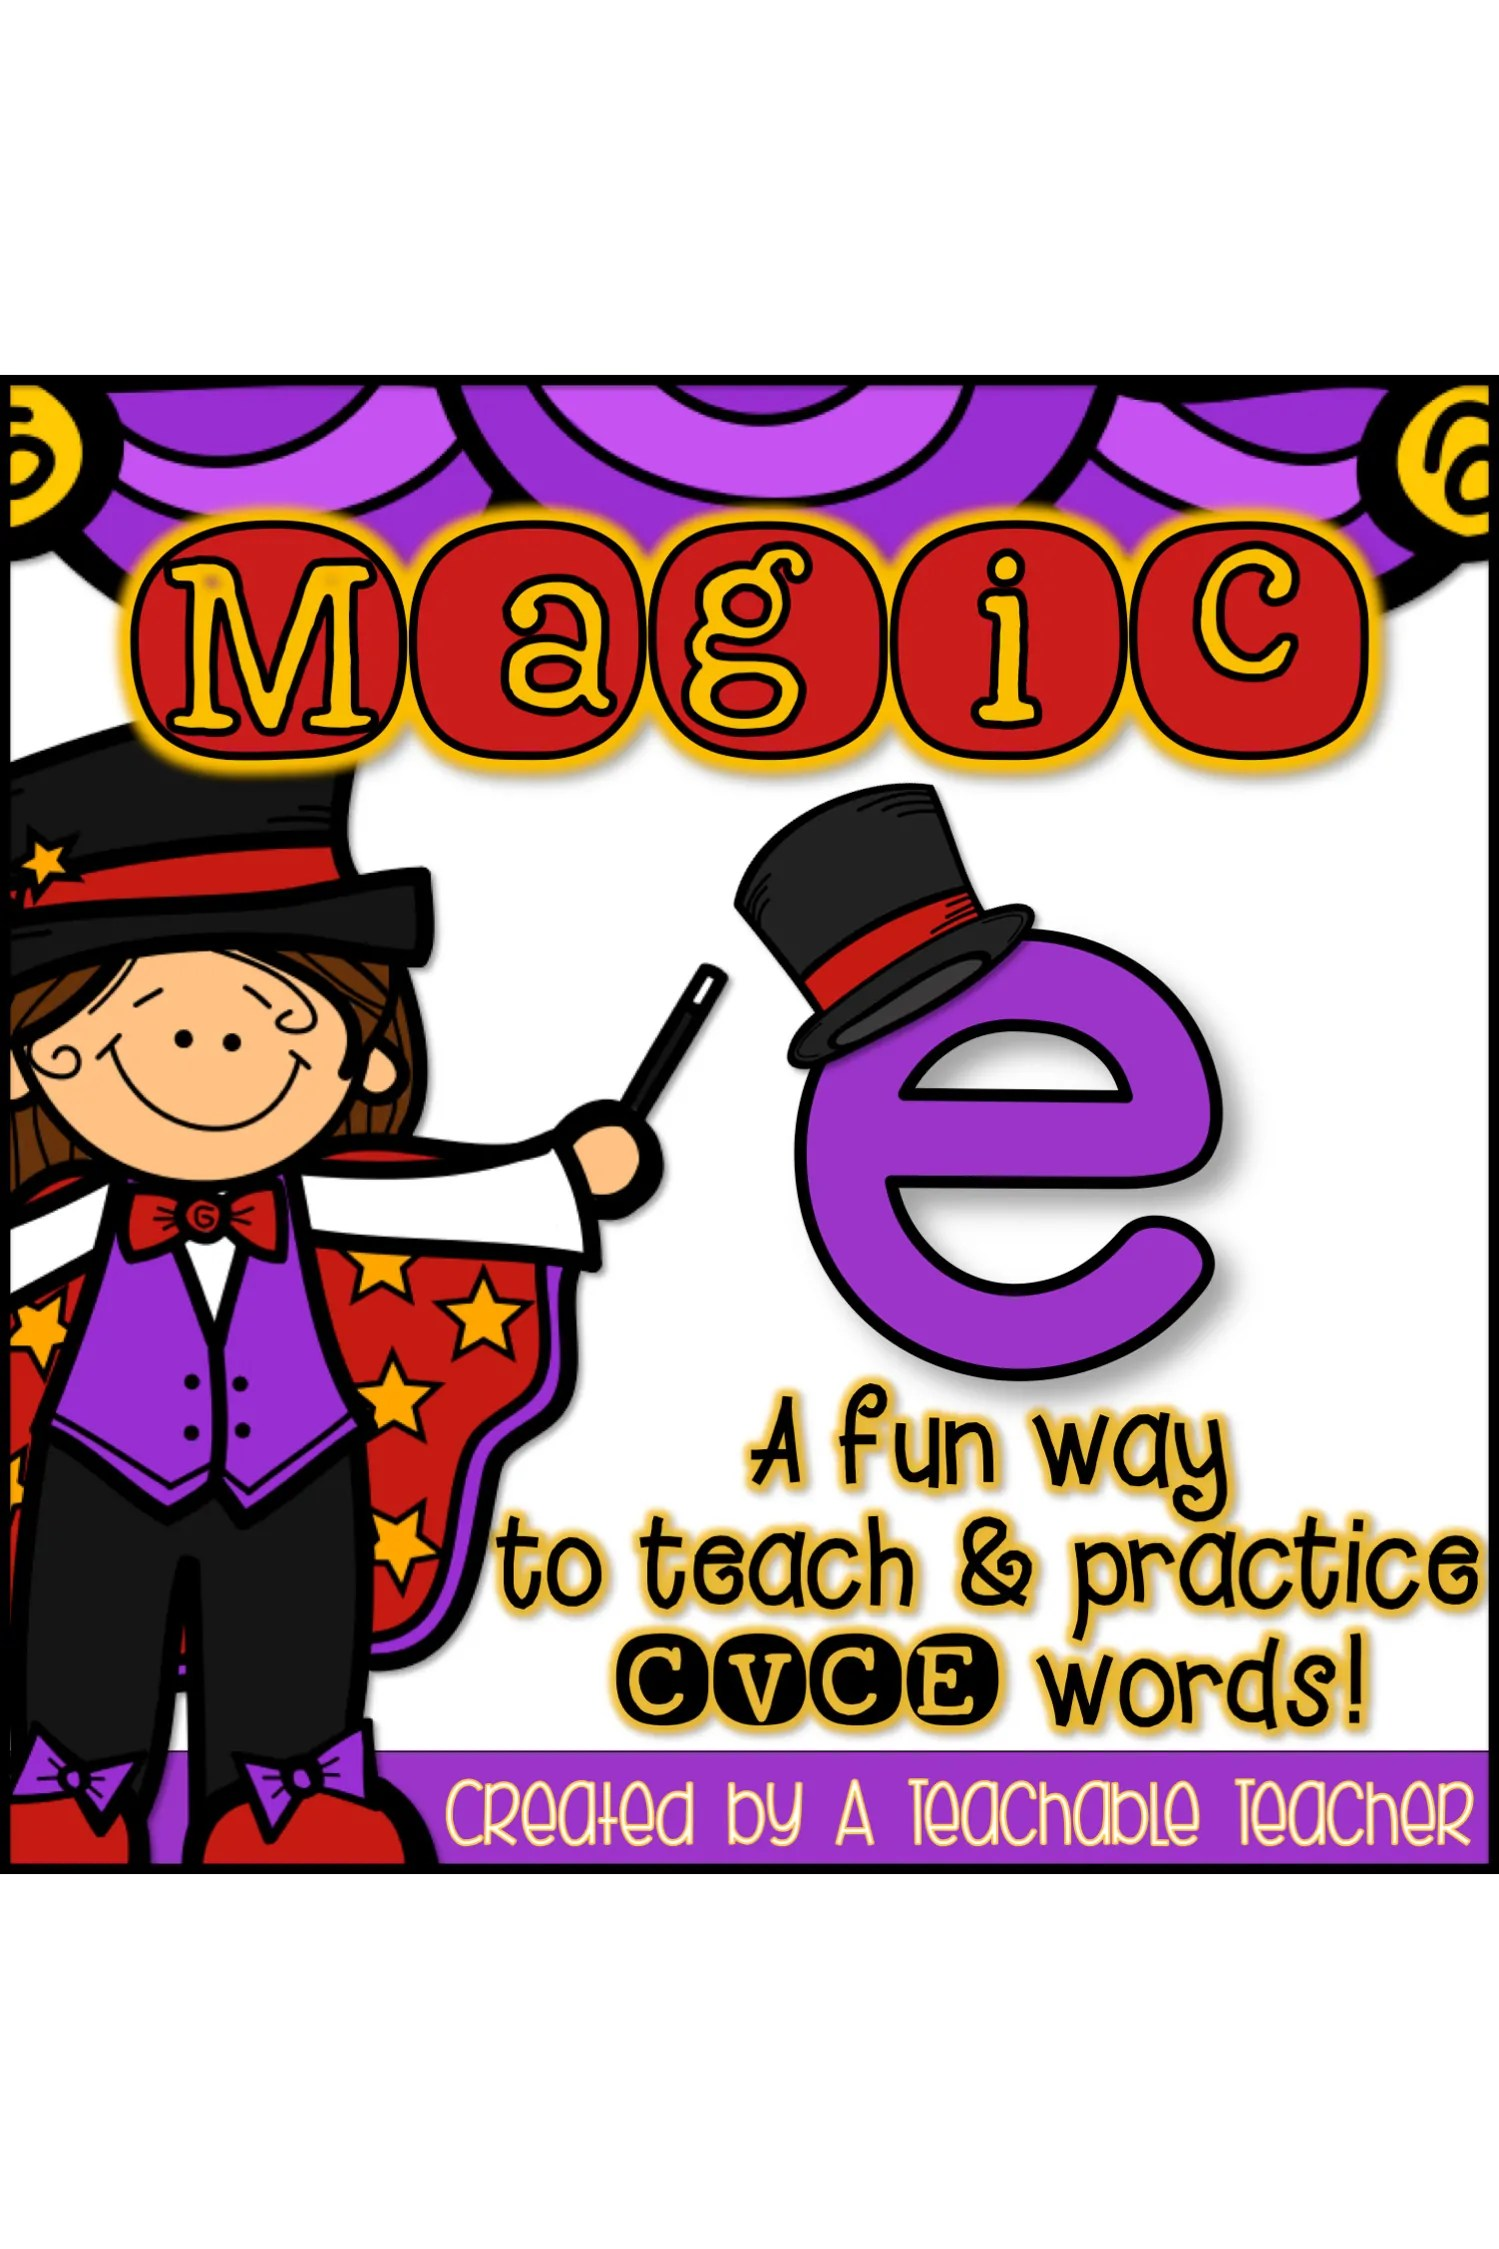 hight resolution of The Ultimate List of CVCe Words - A Teachable Teacher